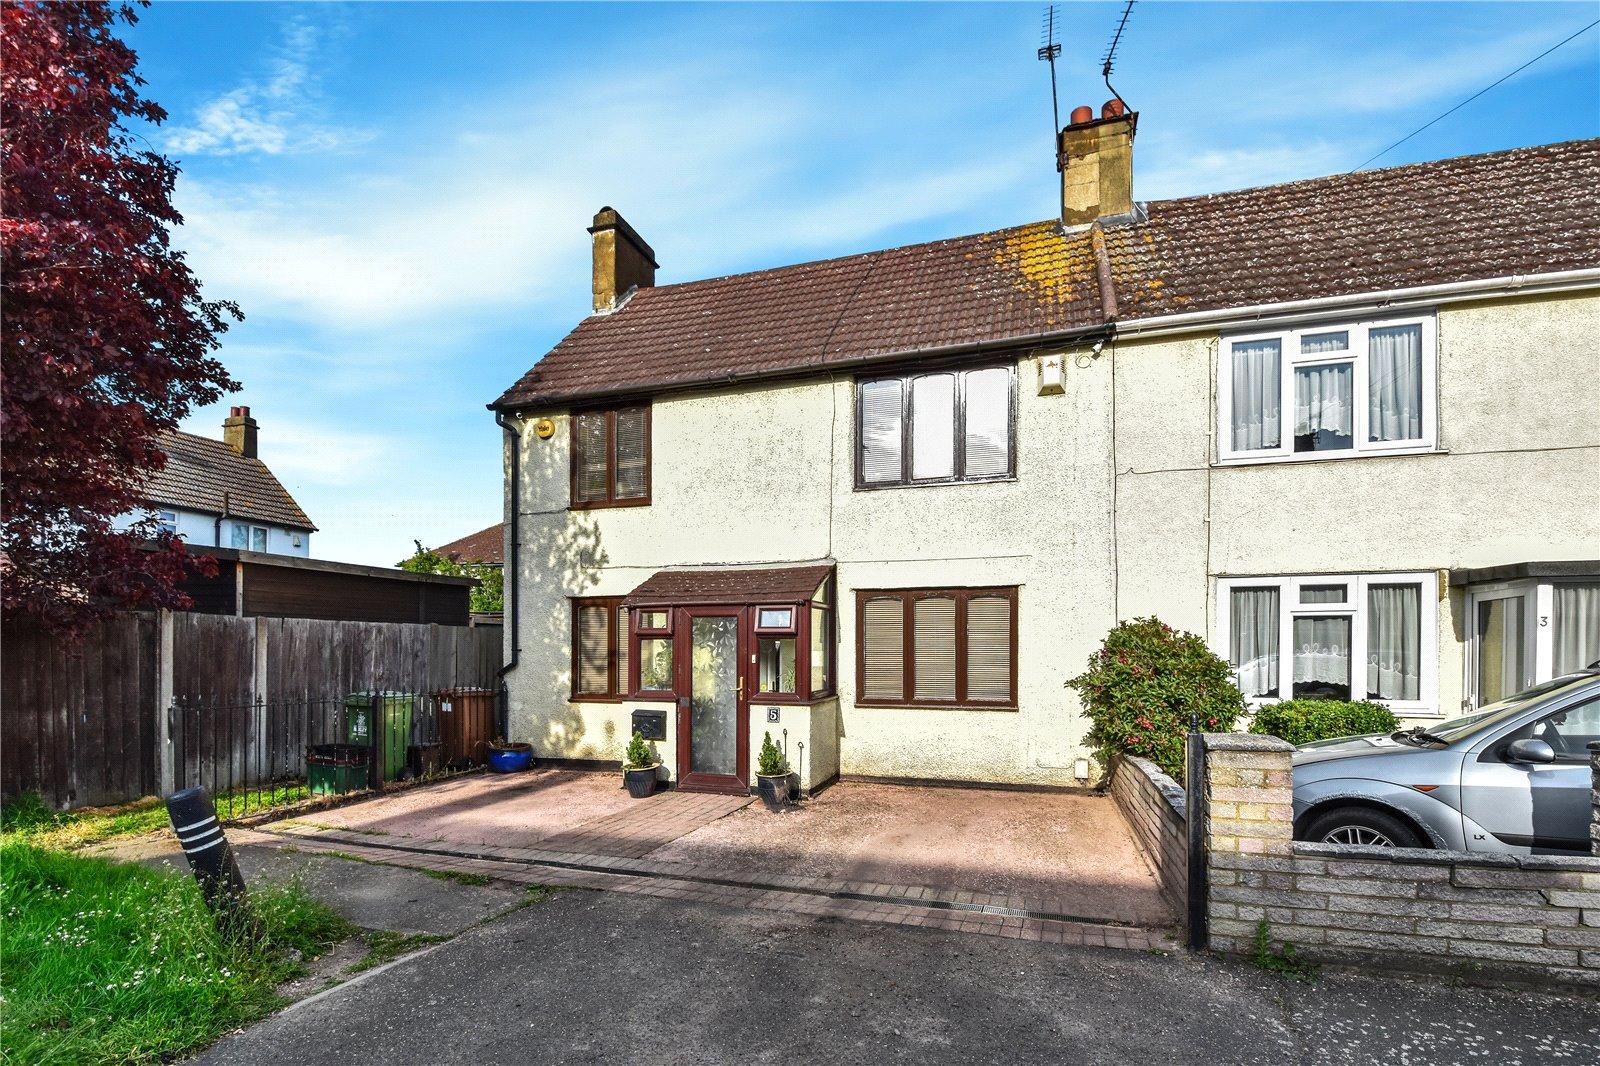 Stanham Place, Crayford, Dartford, Kent, DA1